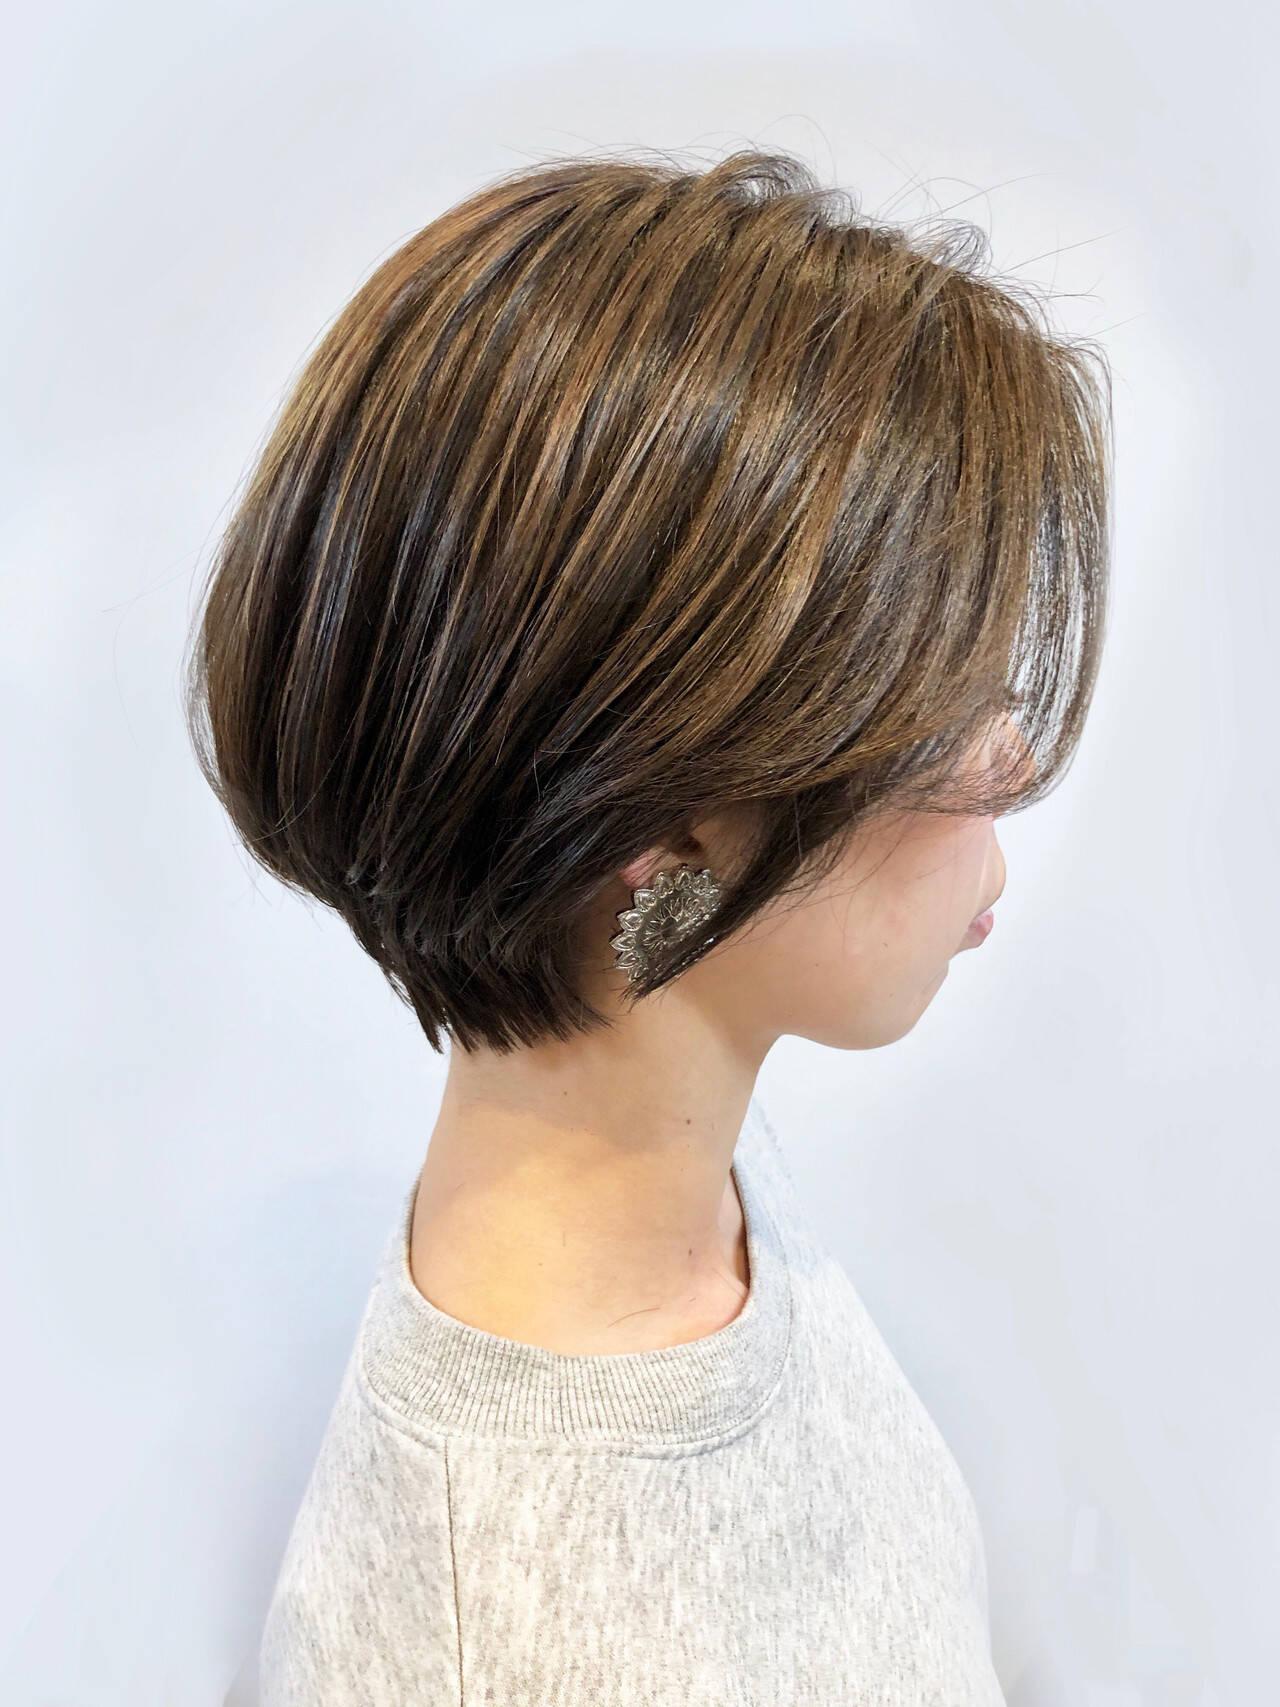 ショートヘア ショートカット ナチュラル 耳かけヘアスタイルや髪型の写真・画像